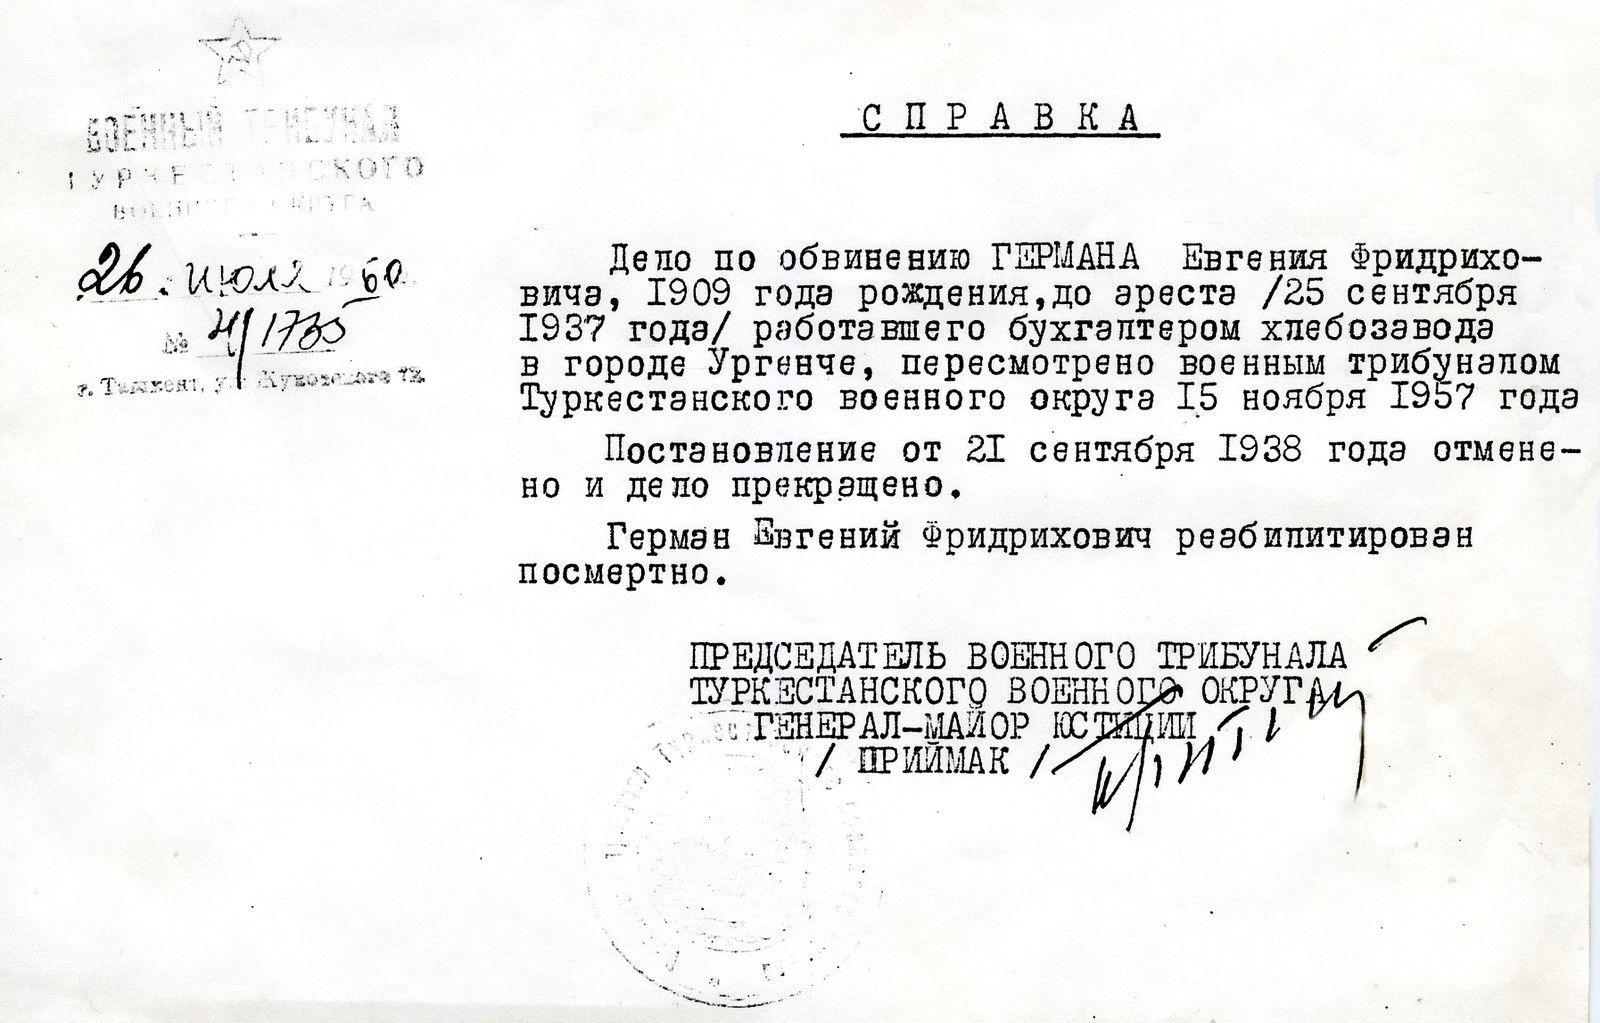 Реабилитация: справка из военной прокуратуры о невиновности Ойгена Герман, родного отца Анны Герман, перед советской властью